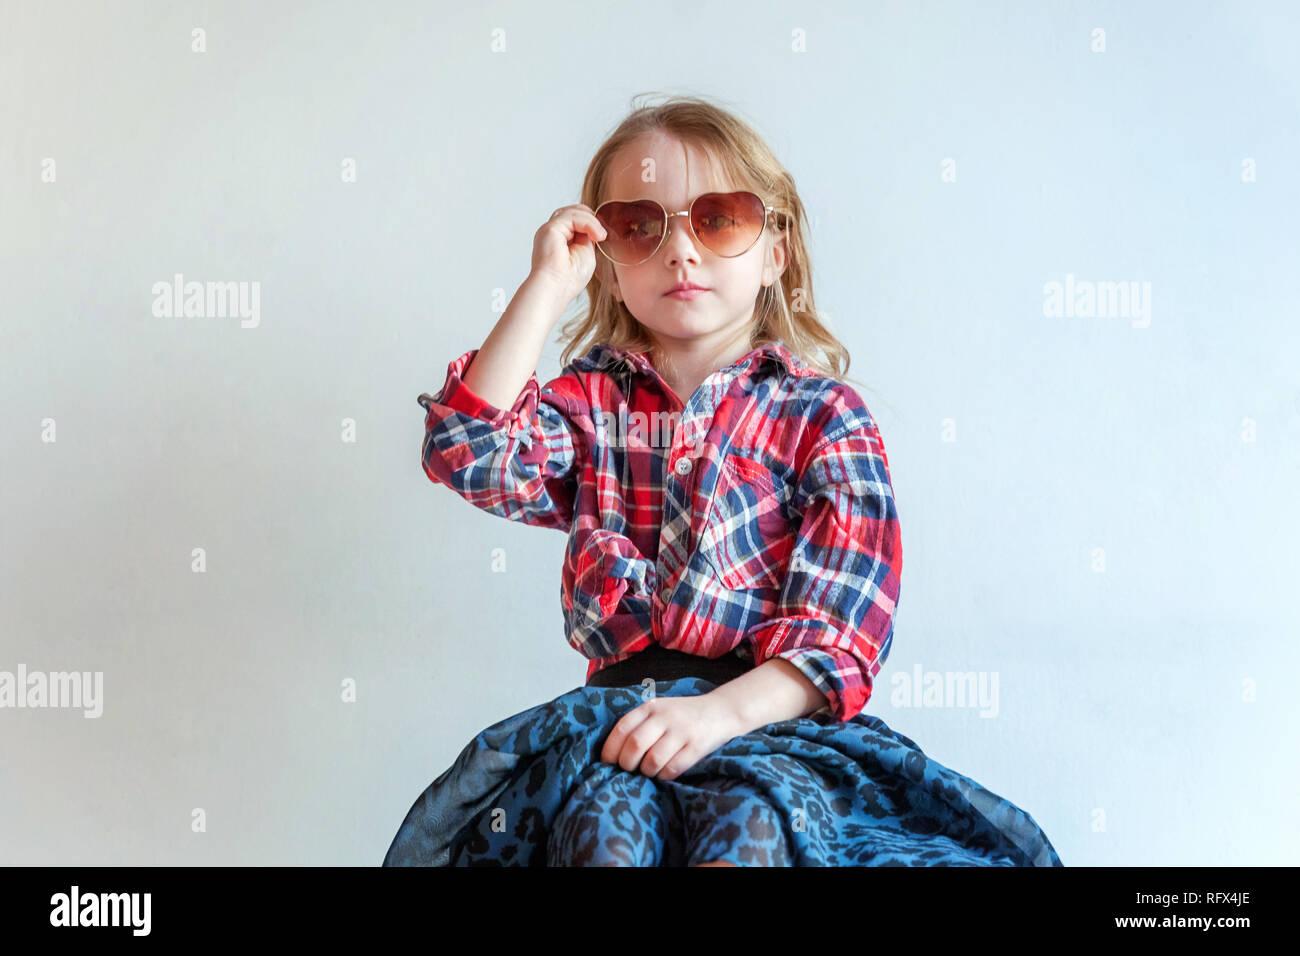 e74432310 Dulce adorable feliz moda joven niña vestida como hipster hippie gipsy  cowboy en gafas de sol